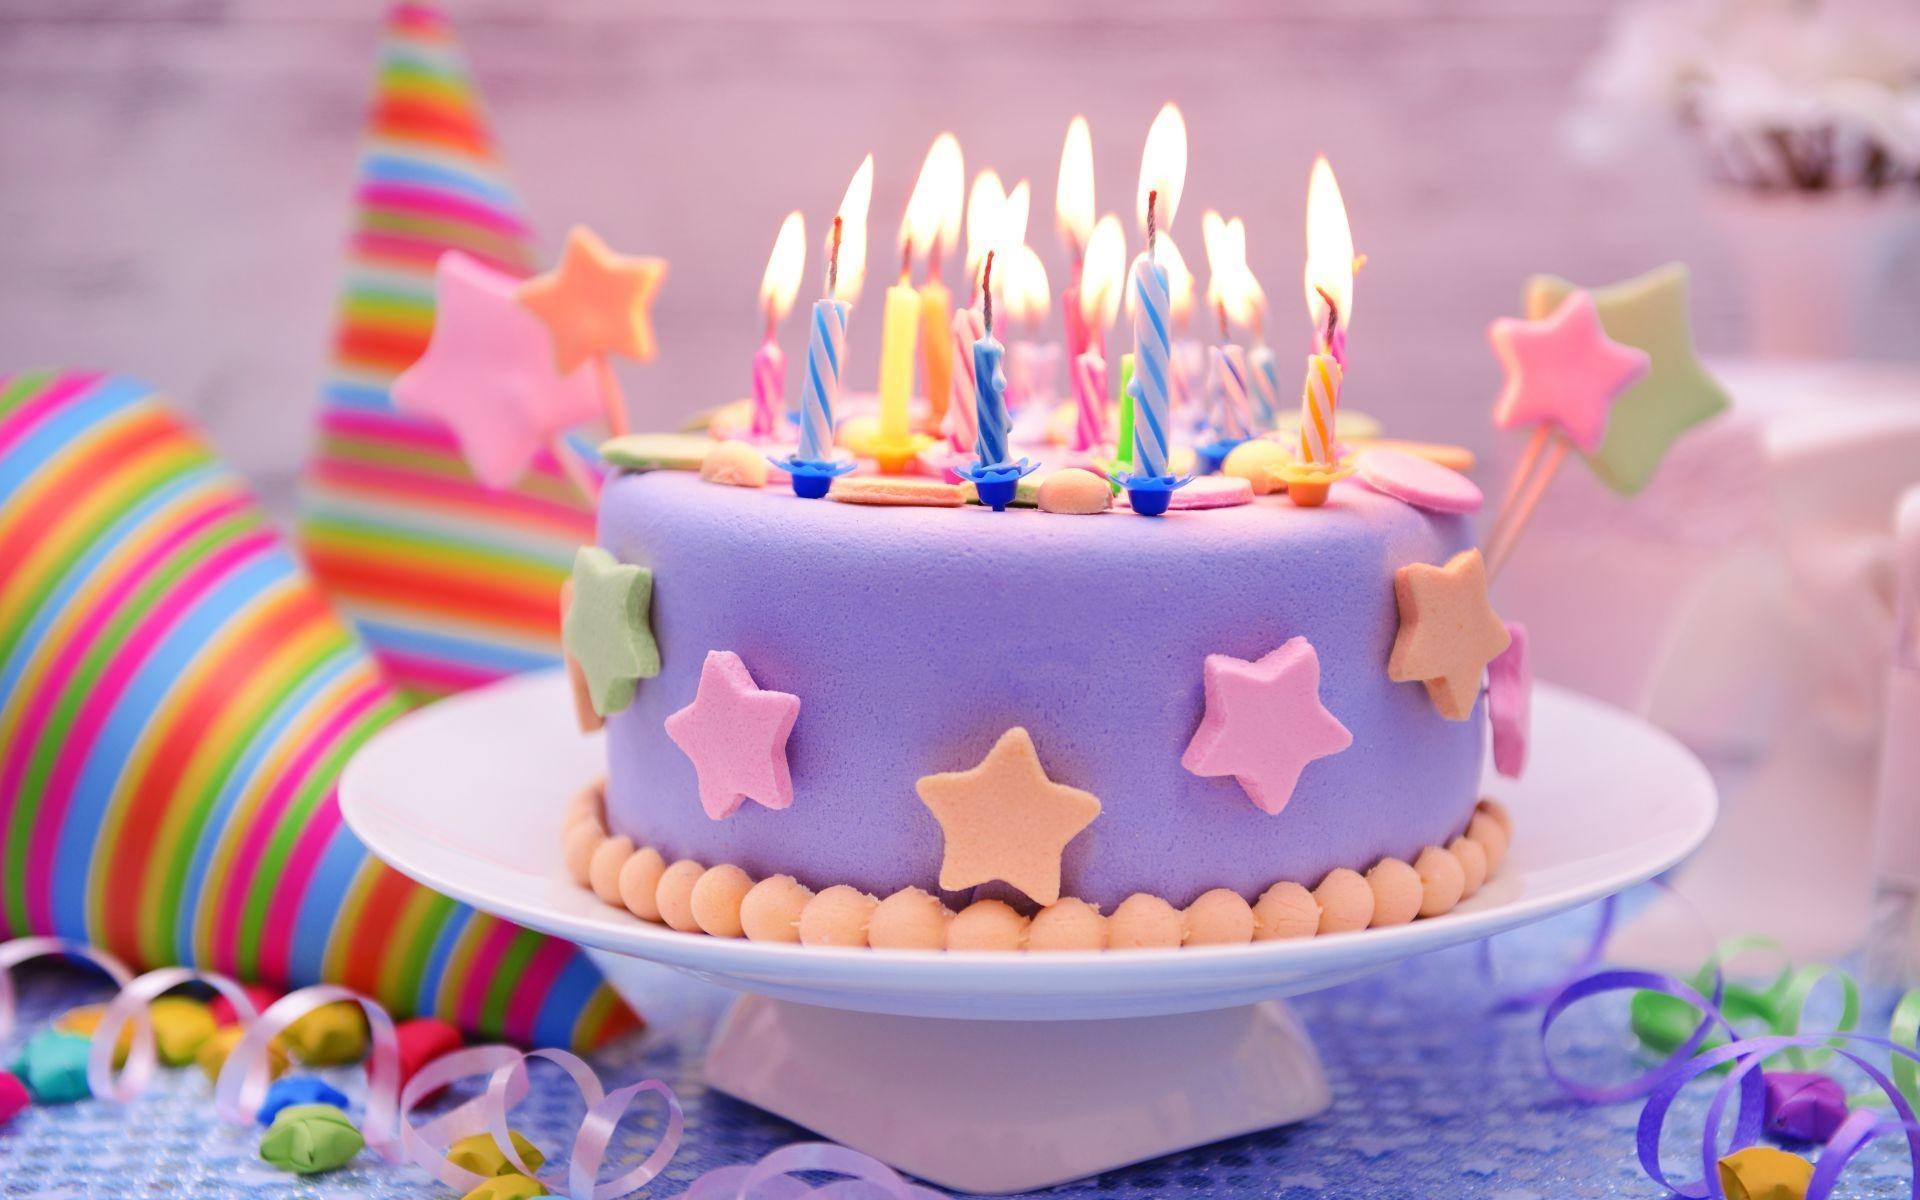 могу торт на день рожденье картинки кидайте